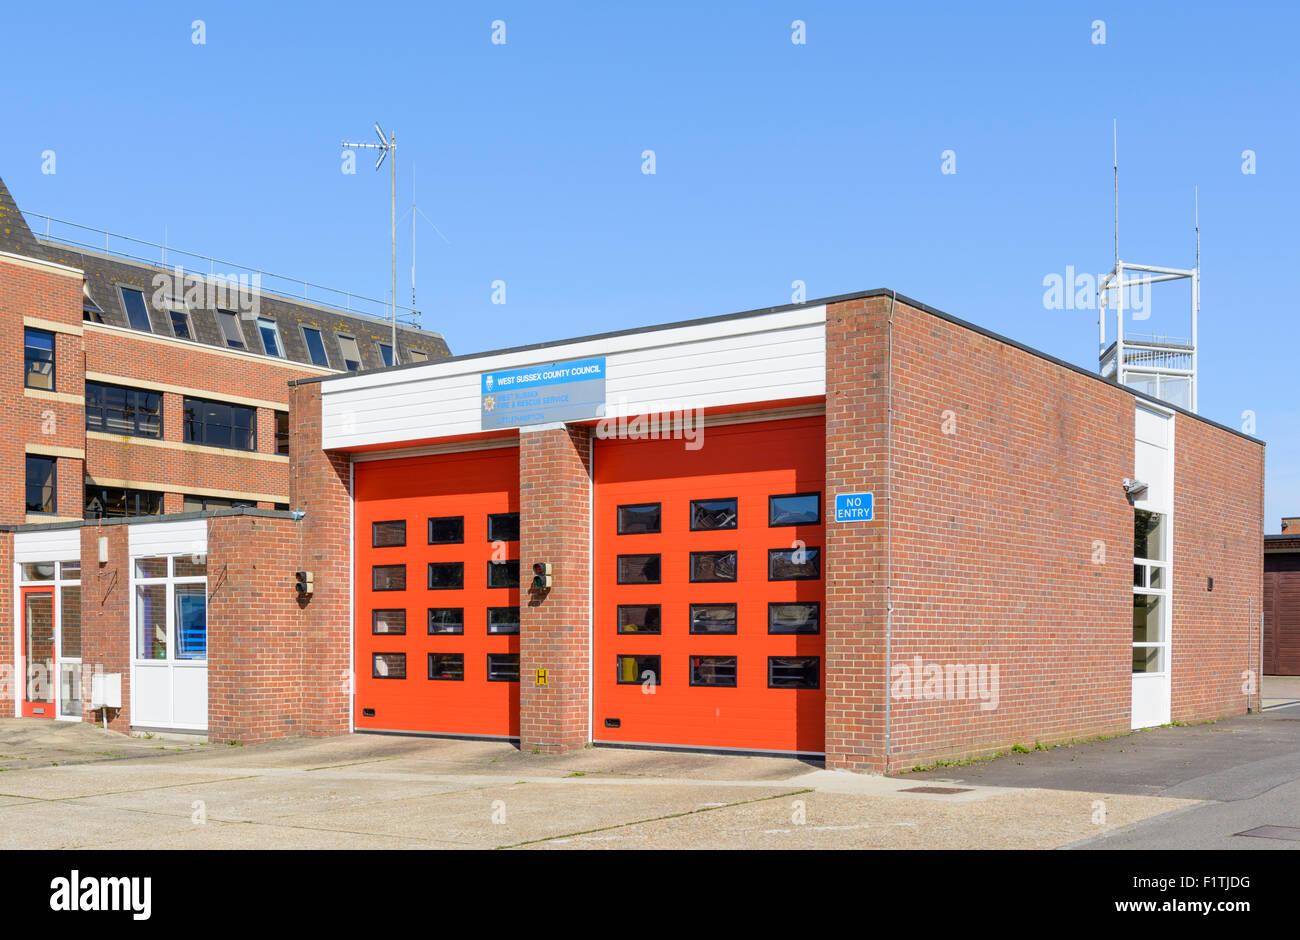 Stazione dei vigili del fuoco con le porte chiuse a Littlehampton, West Sussex, in Inghilterra, Regno Unito. Immagini Stock